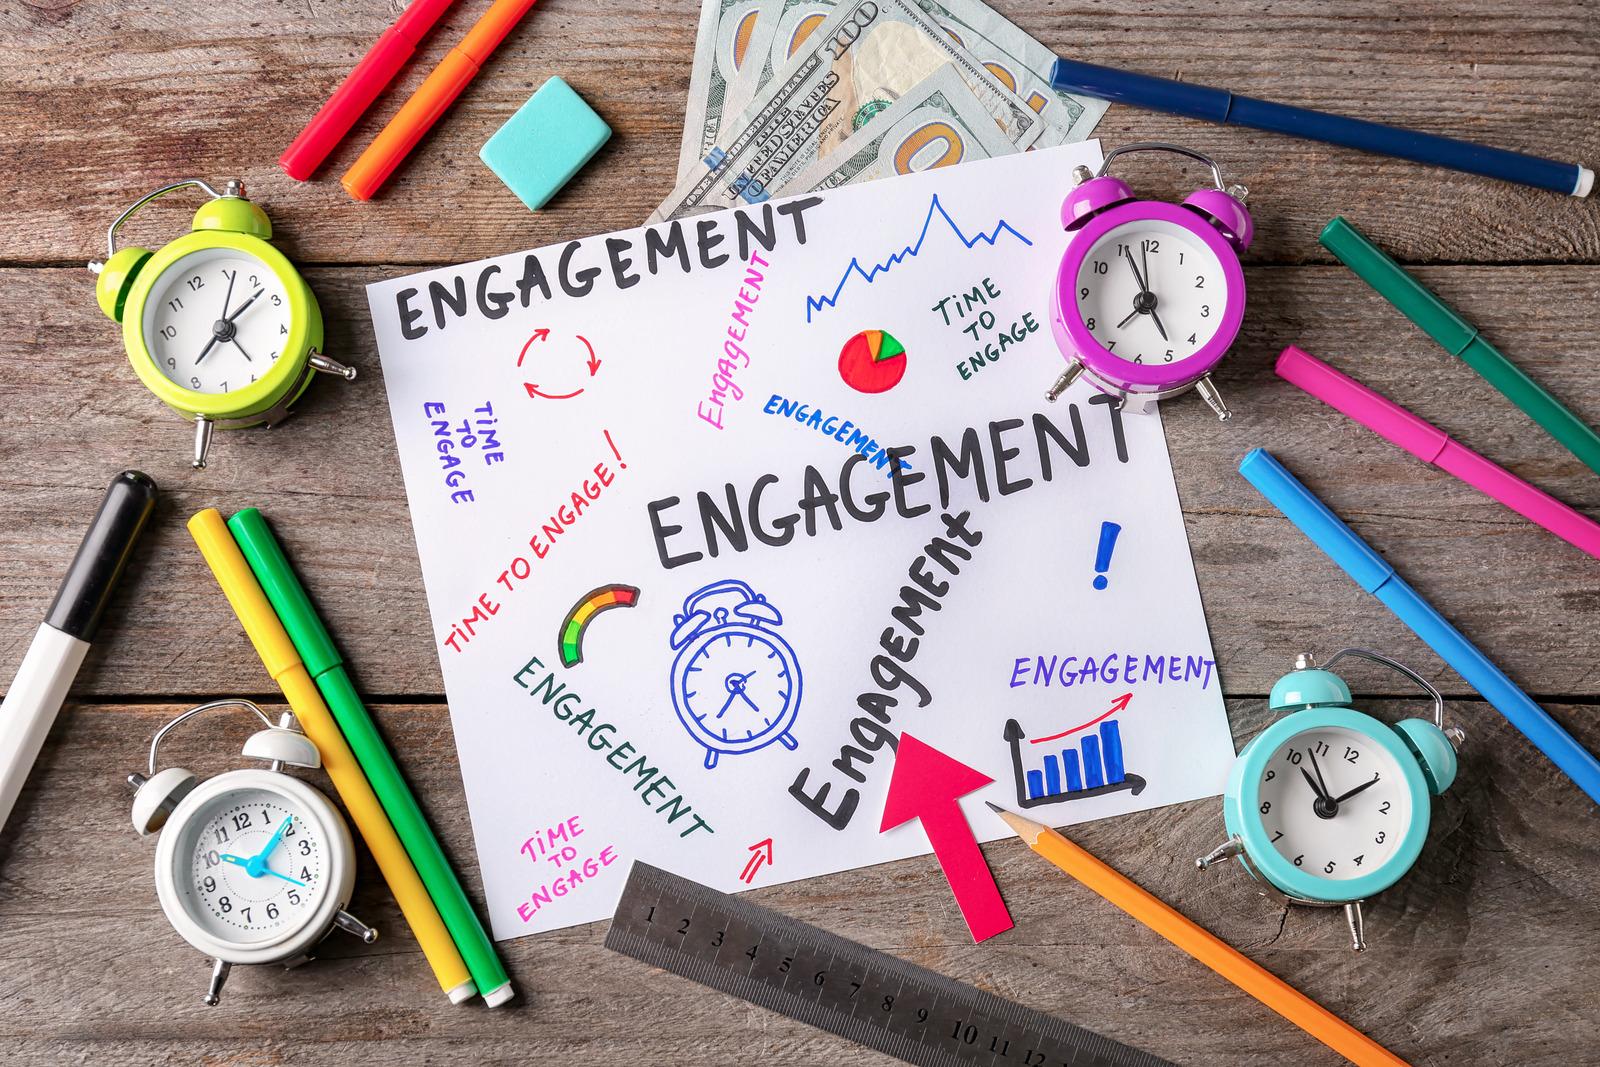 digital marketing plan  digital marketing social media engagement